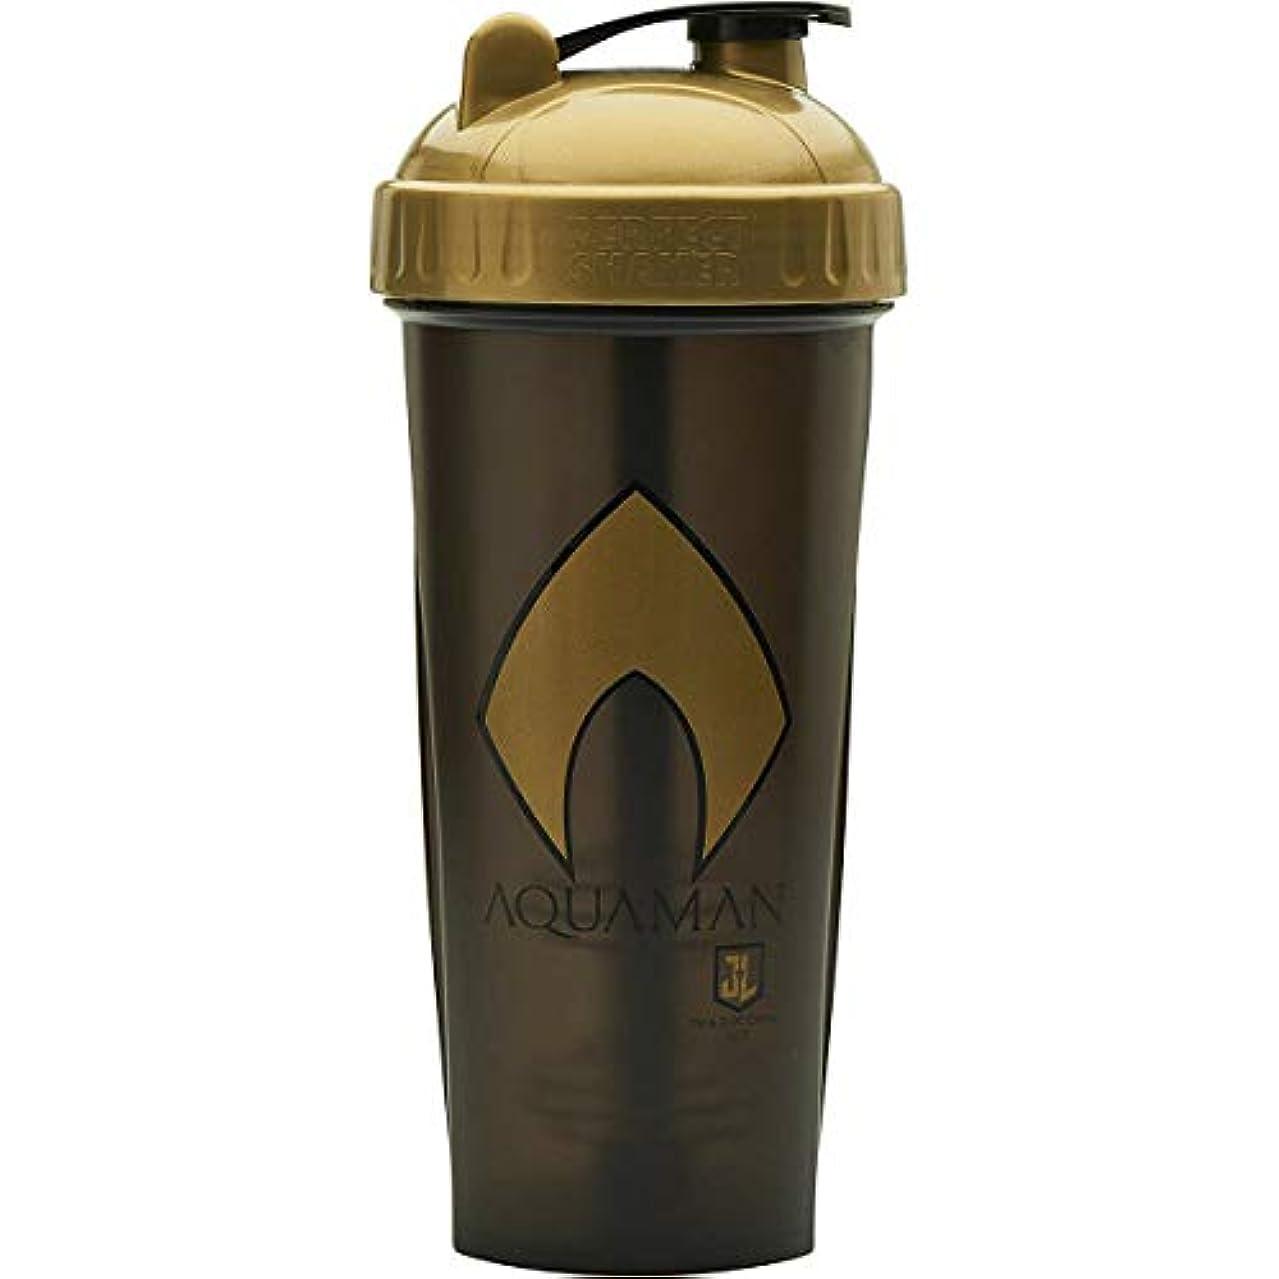 扱う排泄物ファンBOT-55 ボトル シェイカー プロテイン 水筒 筋トレ ジム ブレンダ― ミキサー ヒーロー 800ml (BOT-55)